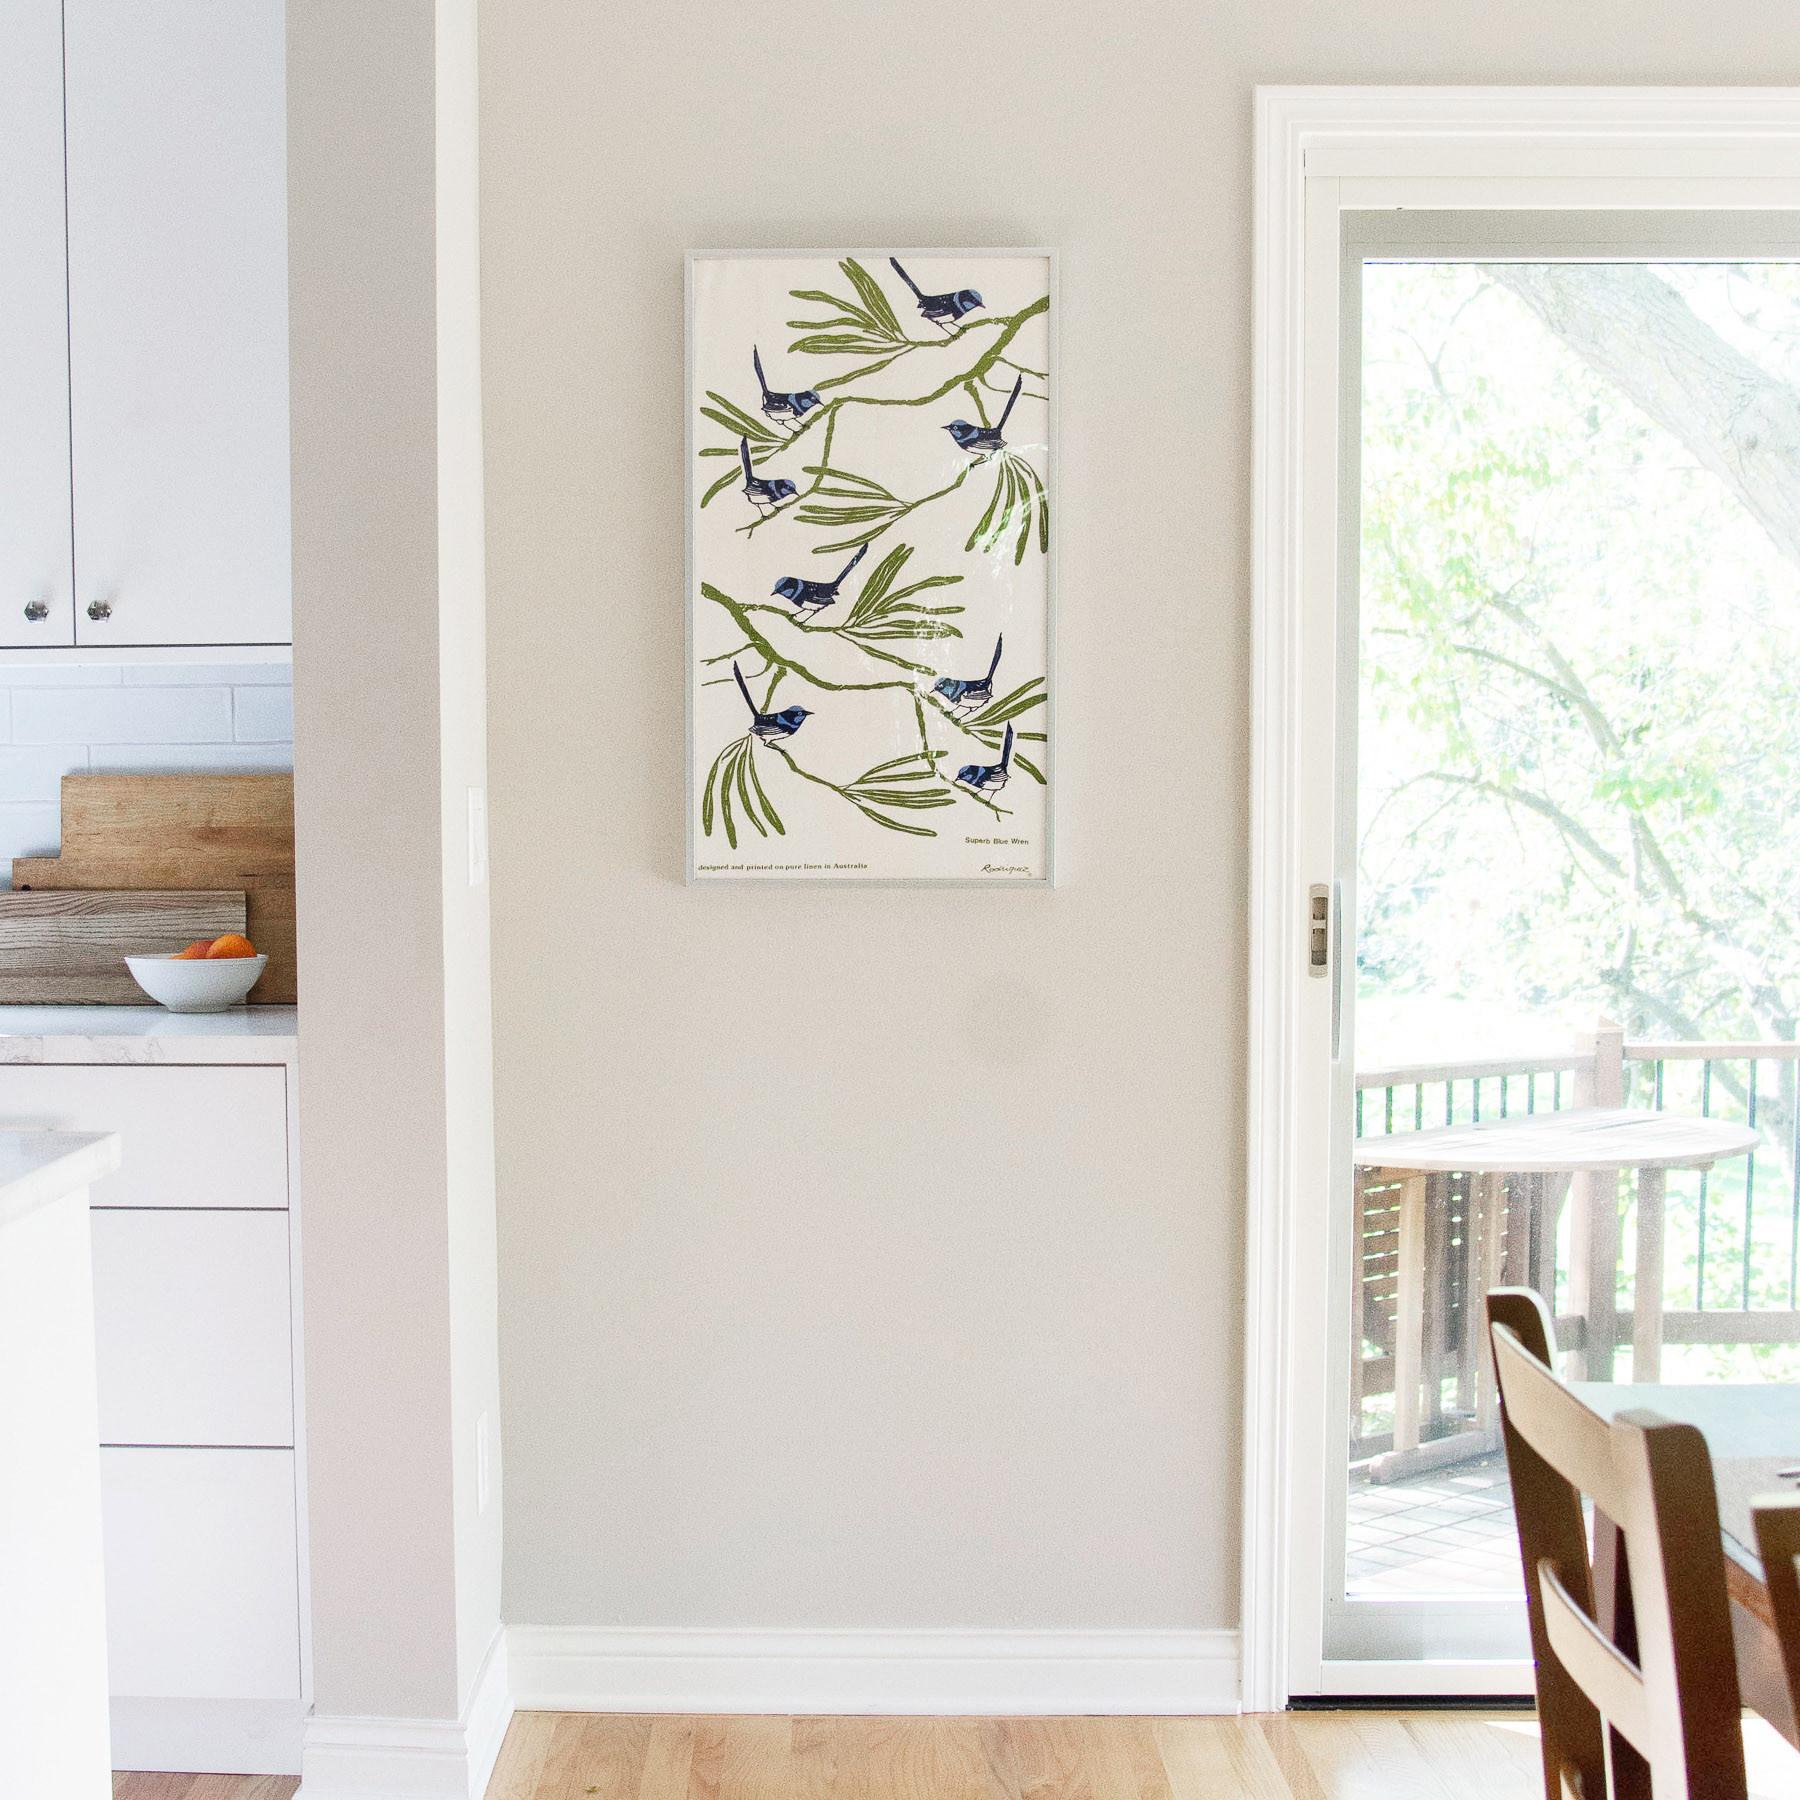 Best ideas about Light Grey Paint Colors . Save or Pin The Best Light Gray Paint Colors for Walls • Jillian Lare Now.